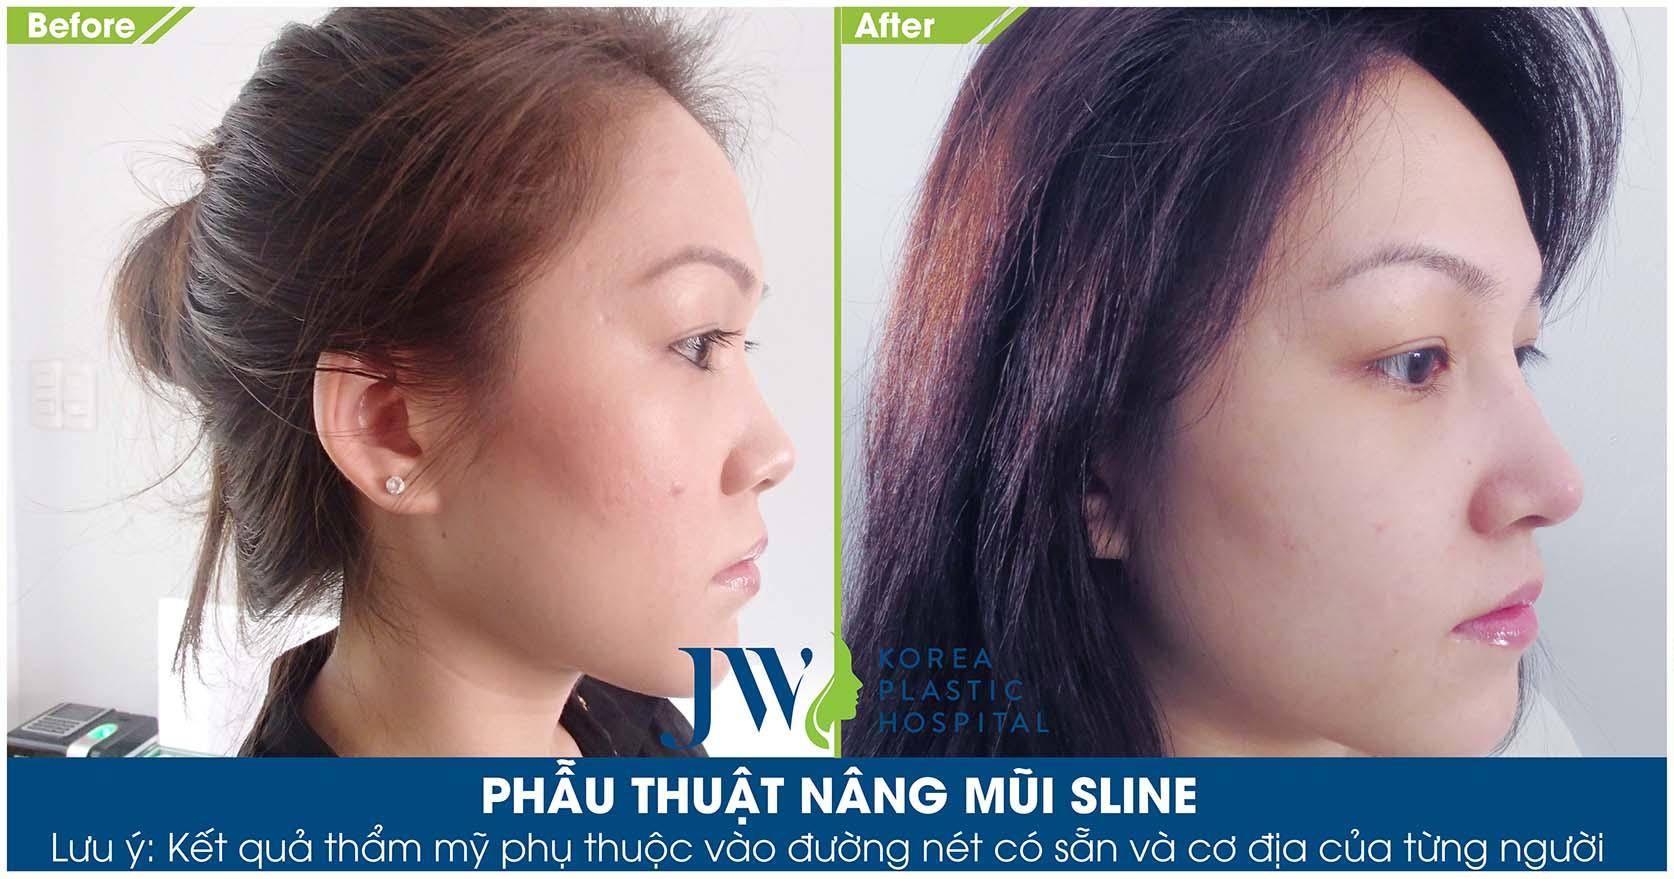 Khách hàng với khuôn mặt xinh đẹp cuốn hút sau khi nâng mũi S Line